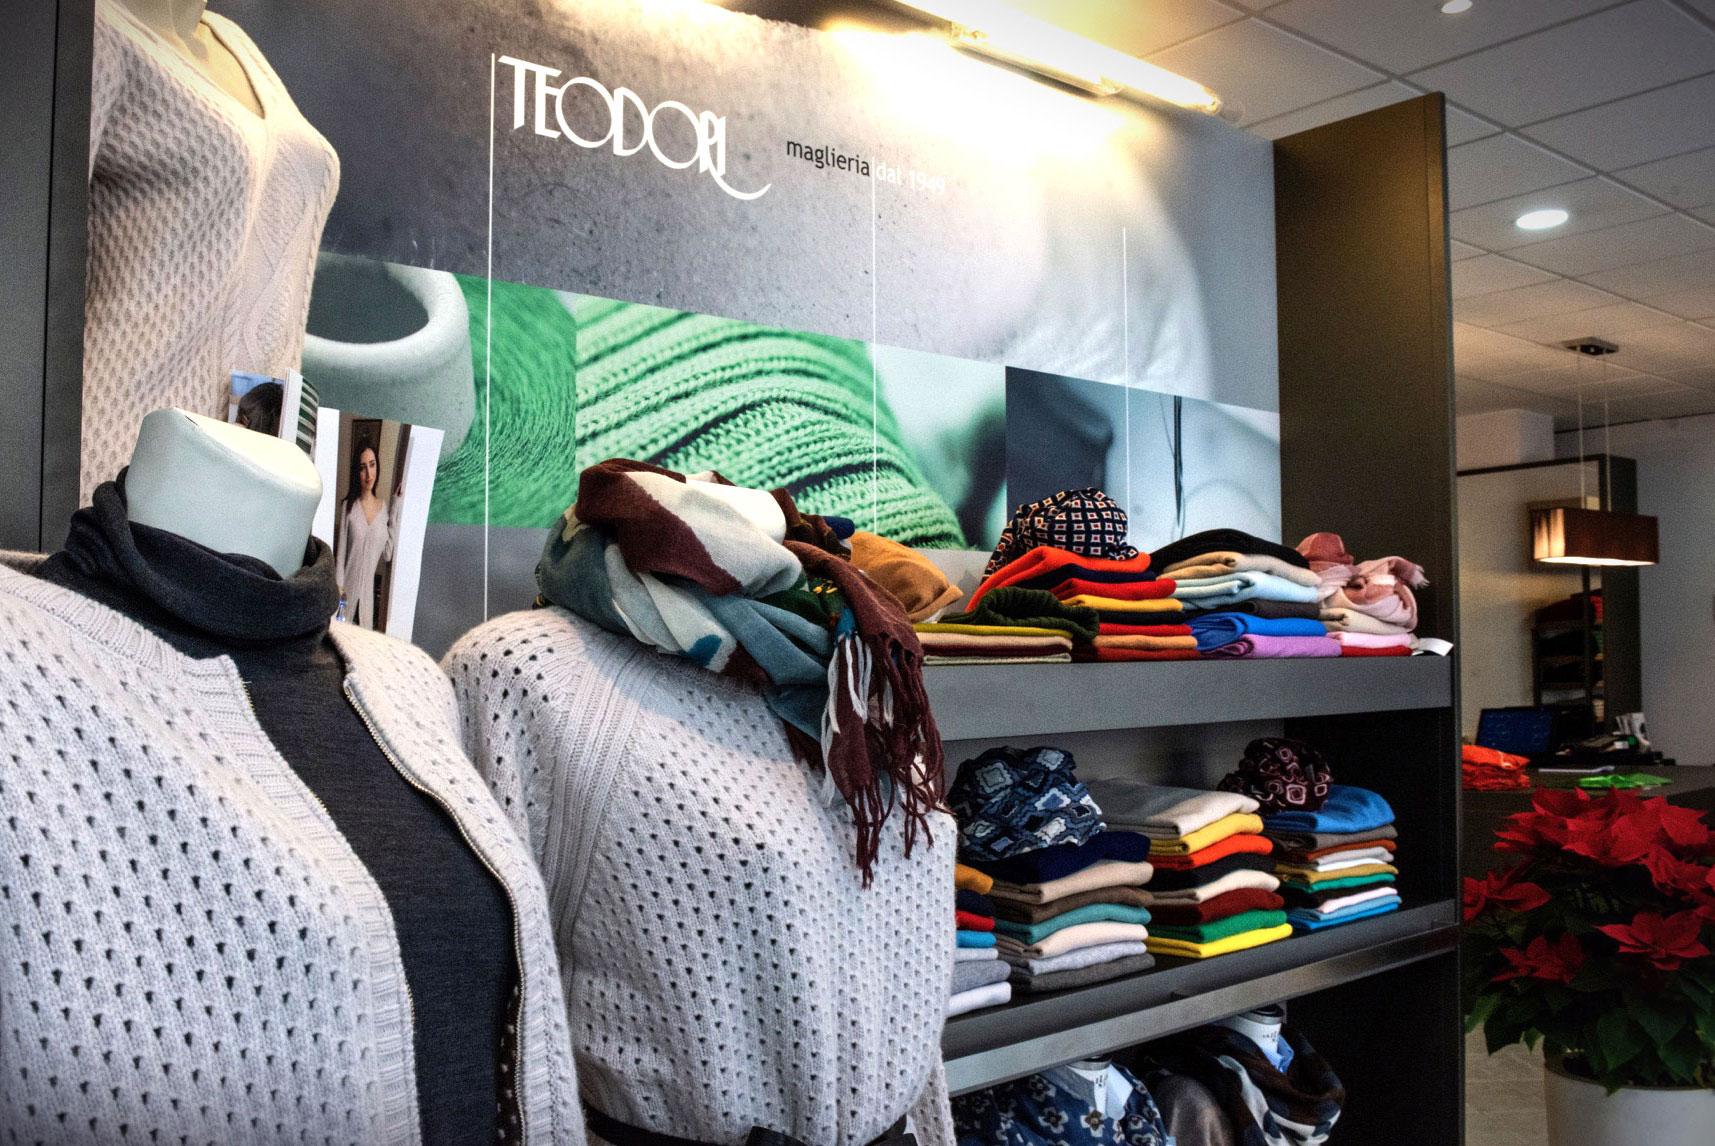 Teodori maglieria, shop, donna, uomo, Angeli, Vallesina,cashmere, lana, maglioni, moda, Jesi, Ancona, Marche